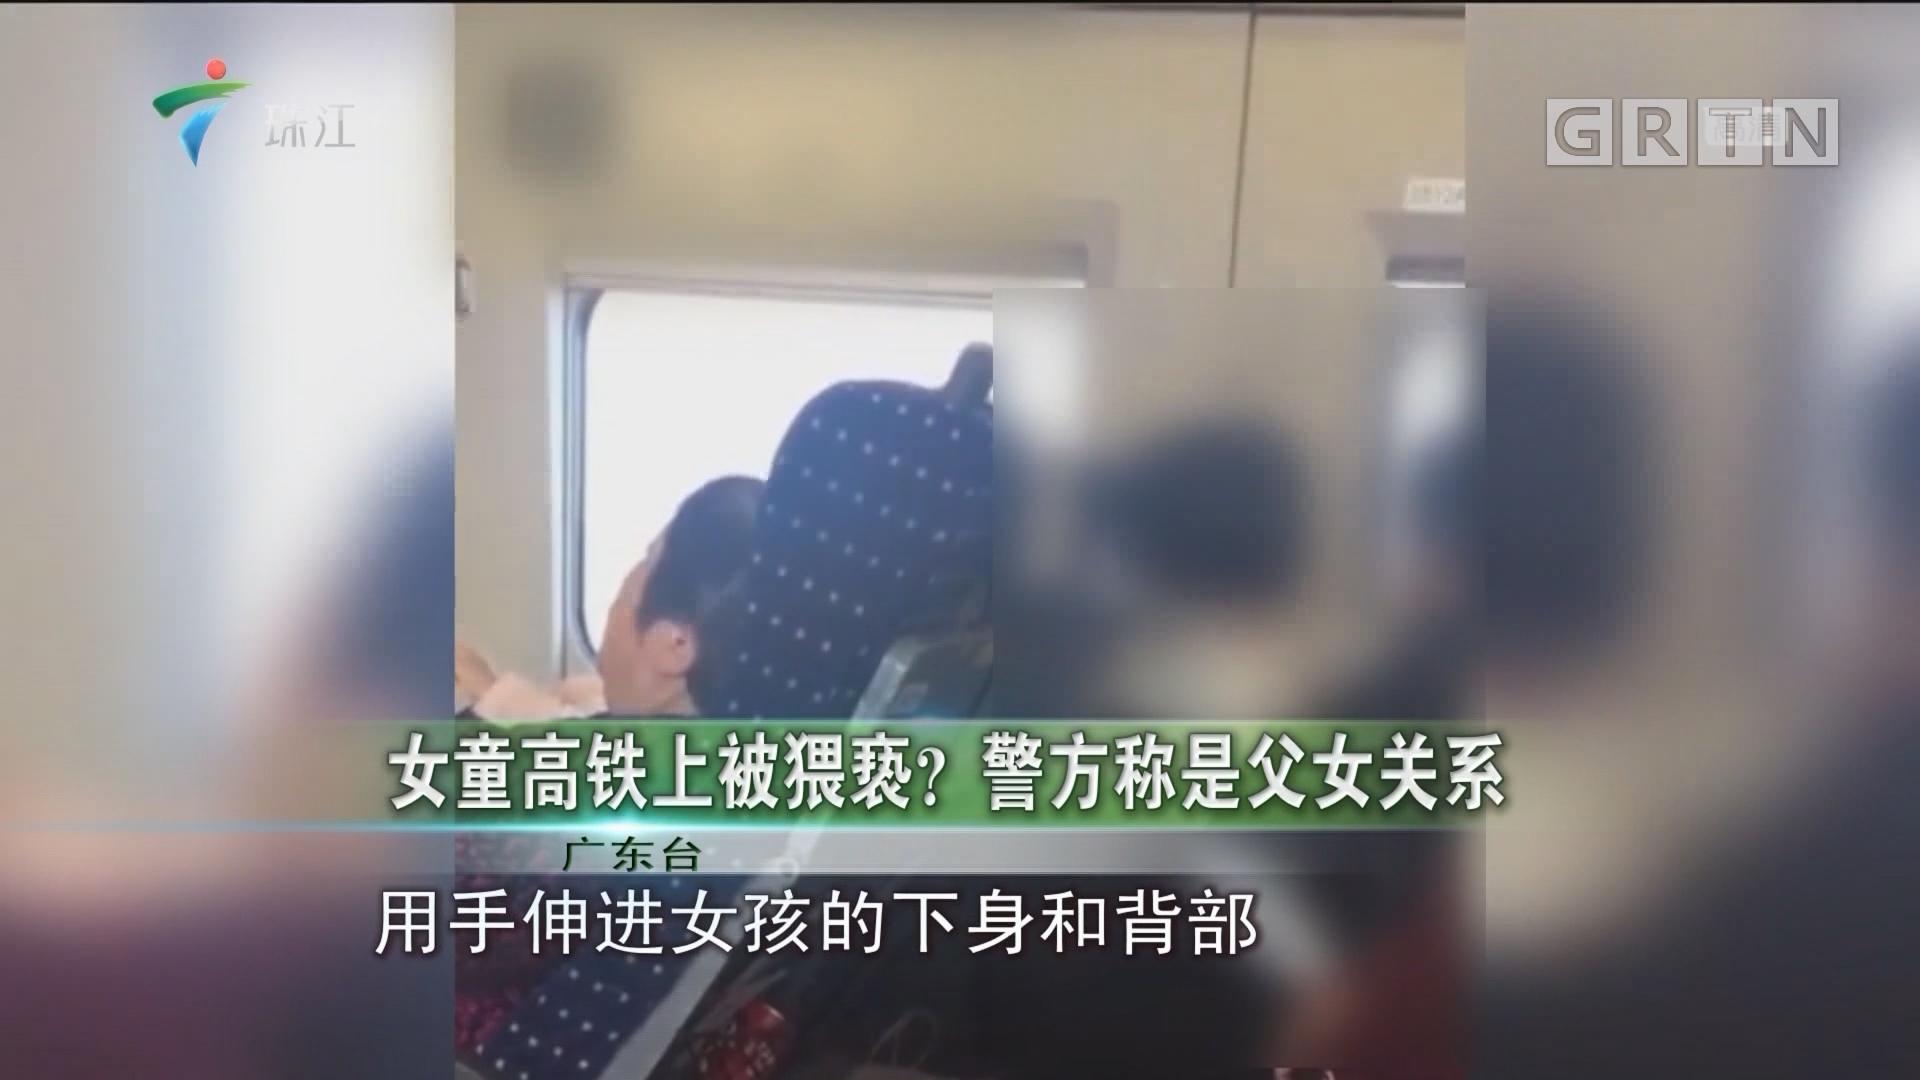 女童高铁上被猥亵?警方称是父女关系